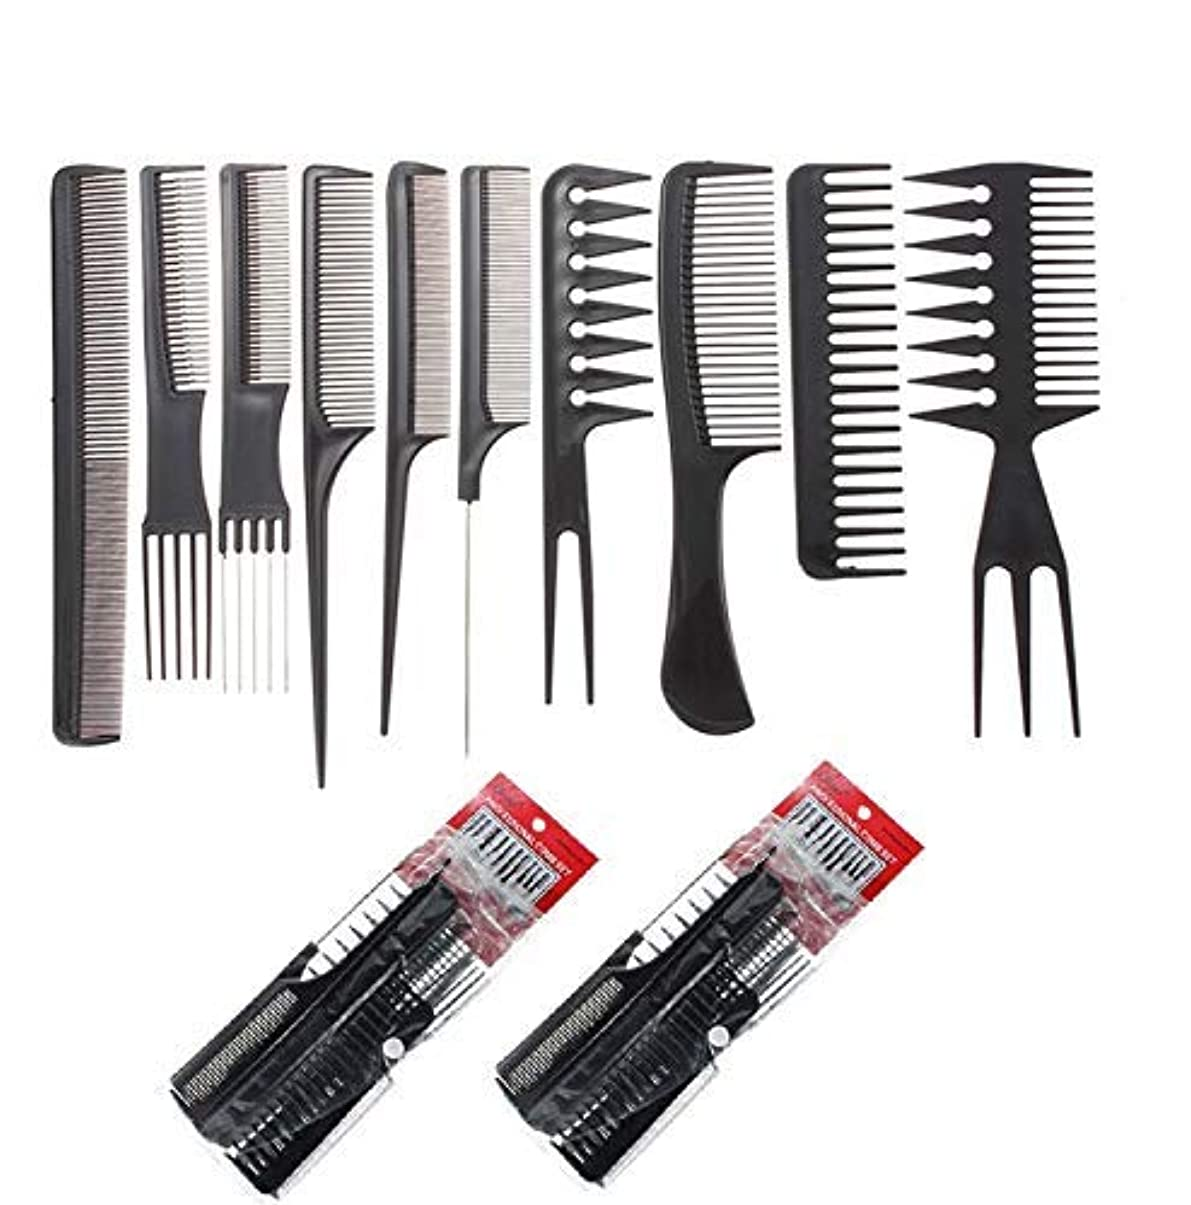 任命する修復熱意SBYURE 20pcs Professional Styling Comb Set,10pcs/Set,2 Set Salon Hairdressing Combs Hair Care Styling Tools Hair...